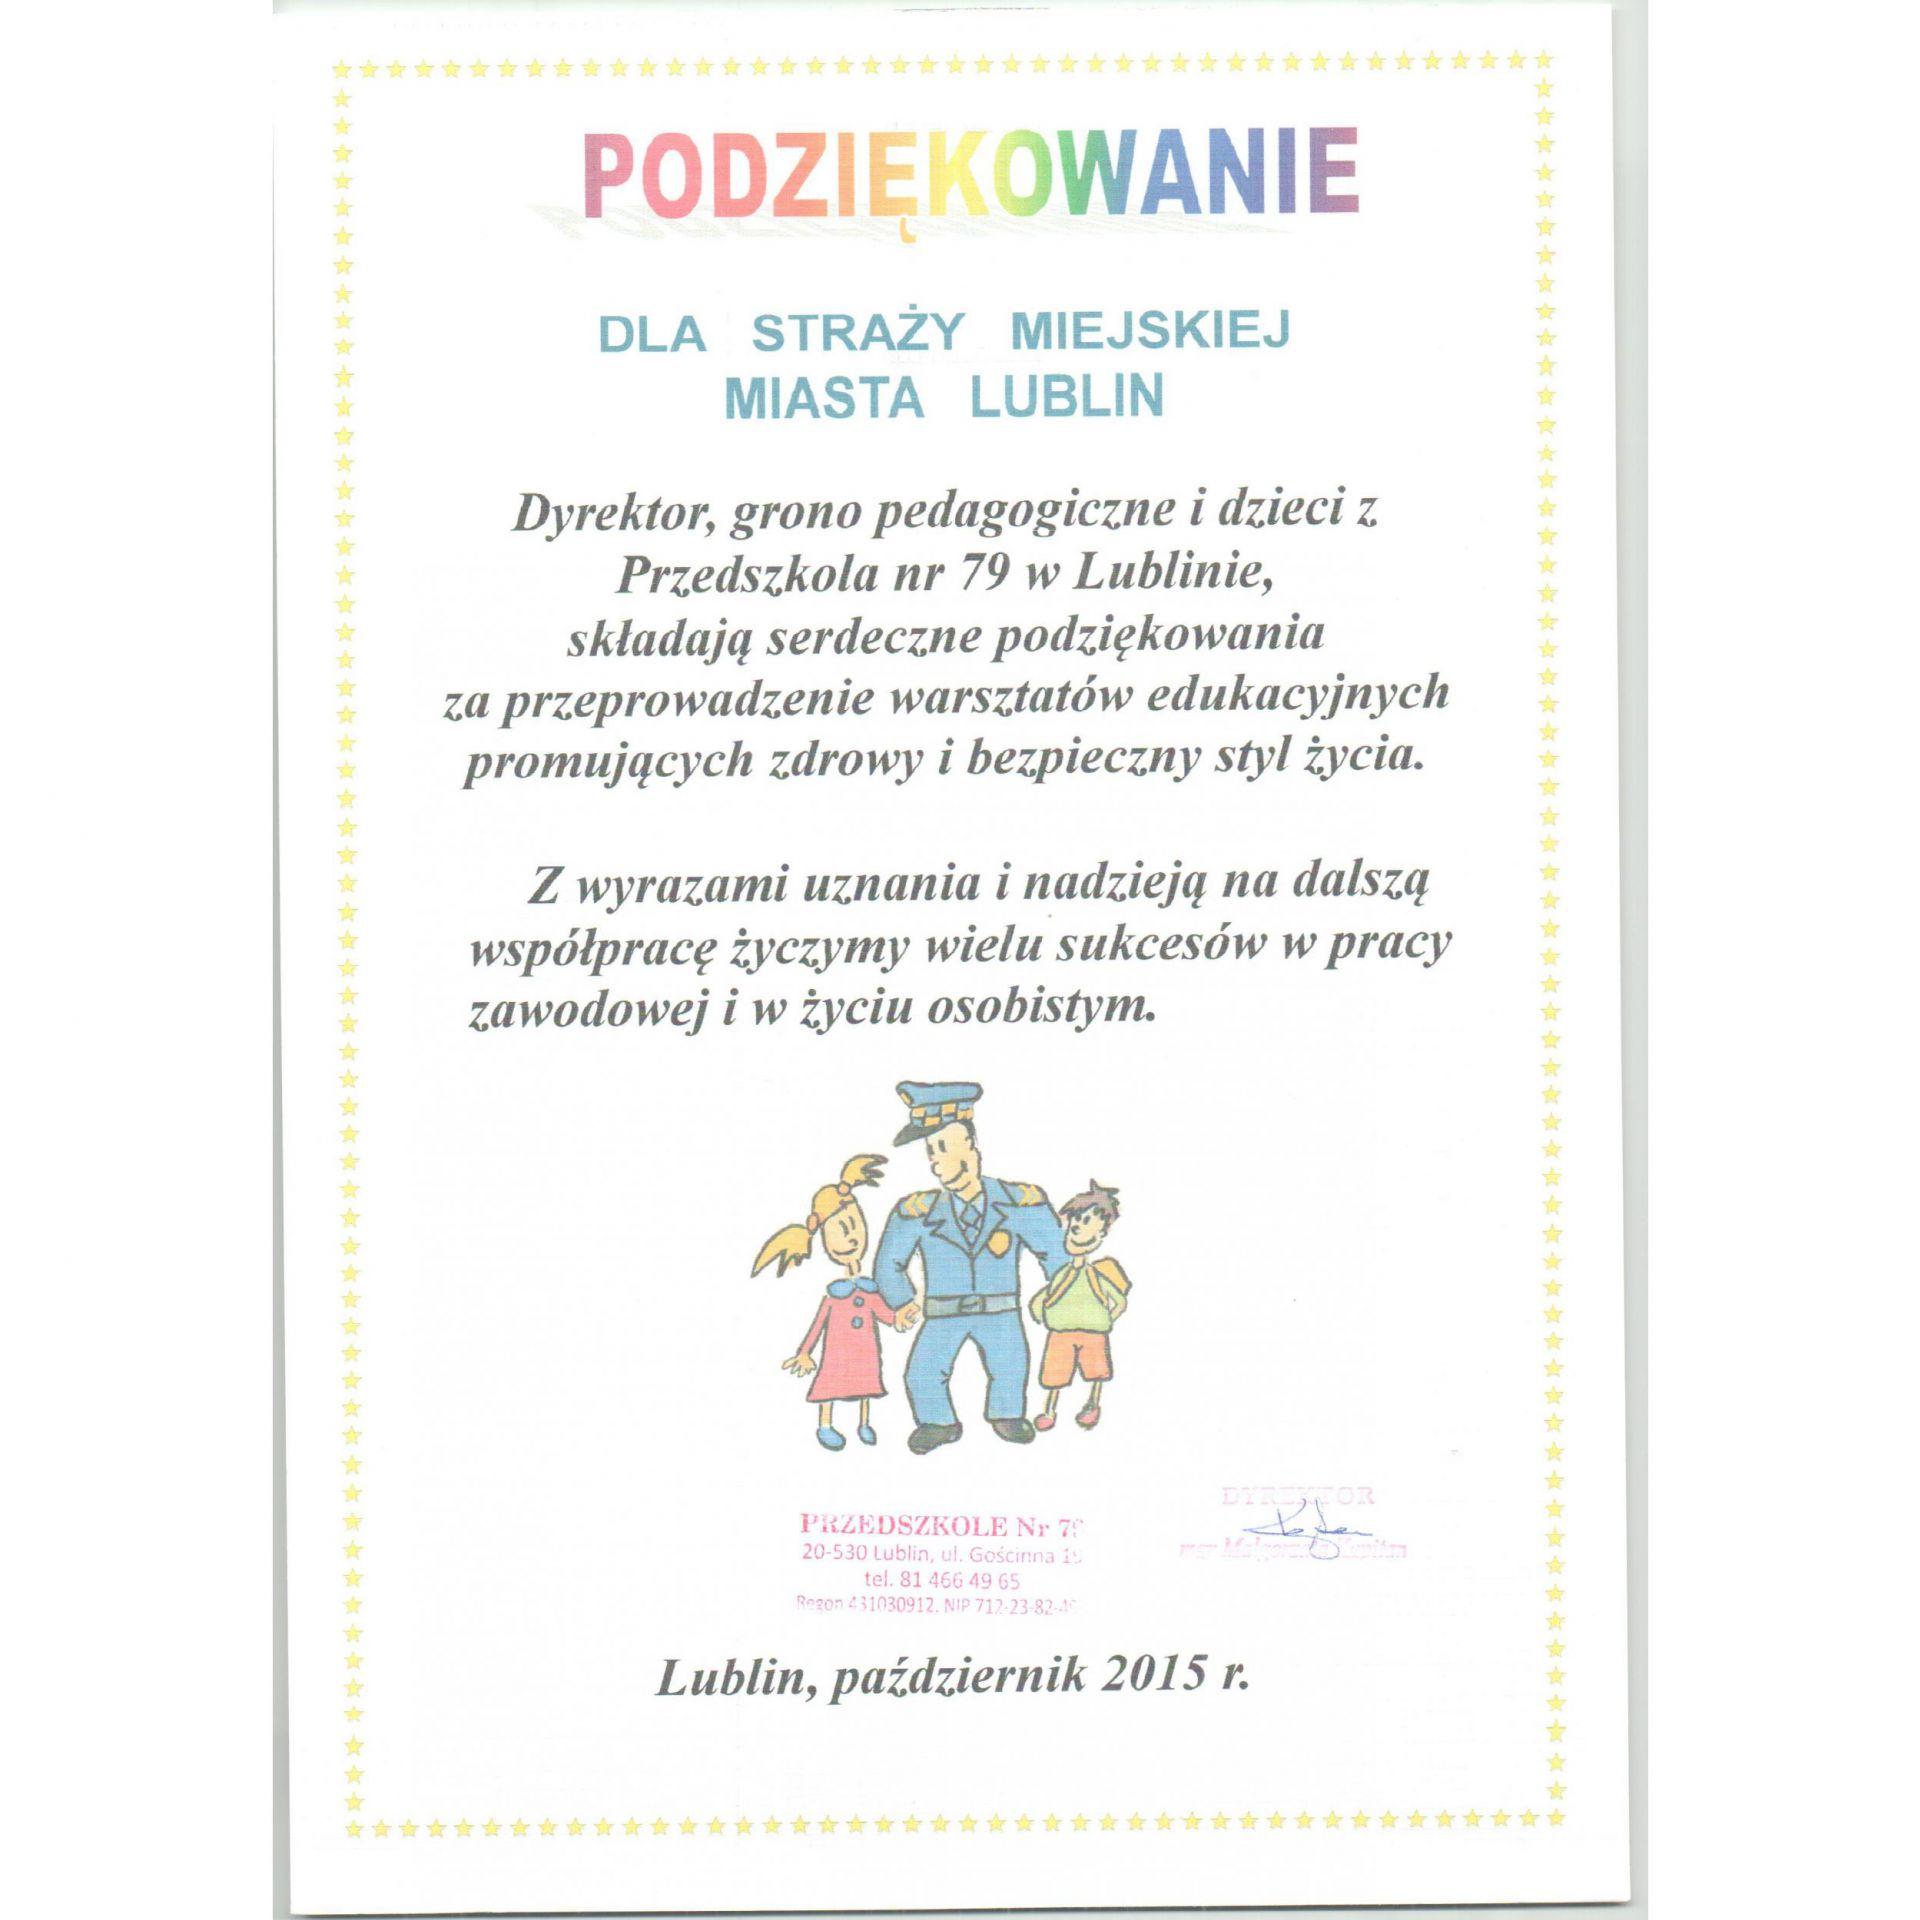 Świeże Podziękowania - Straż Miejska Miasta Lublin - Municipal Police in YZ42